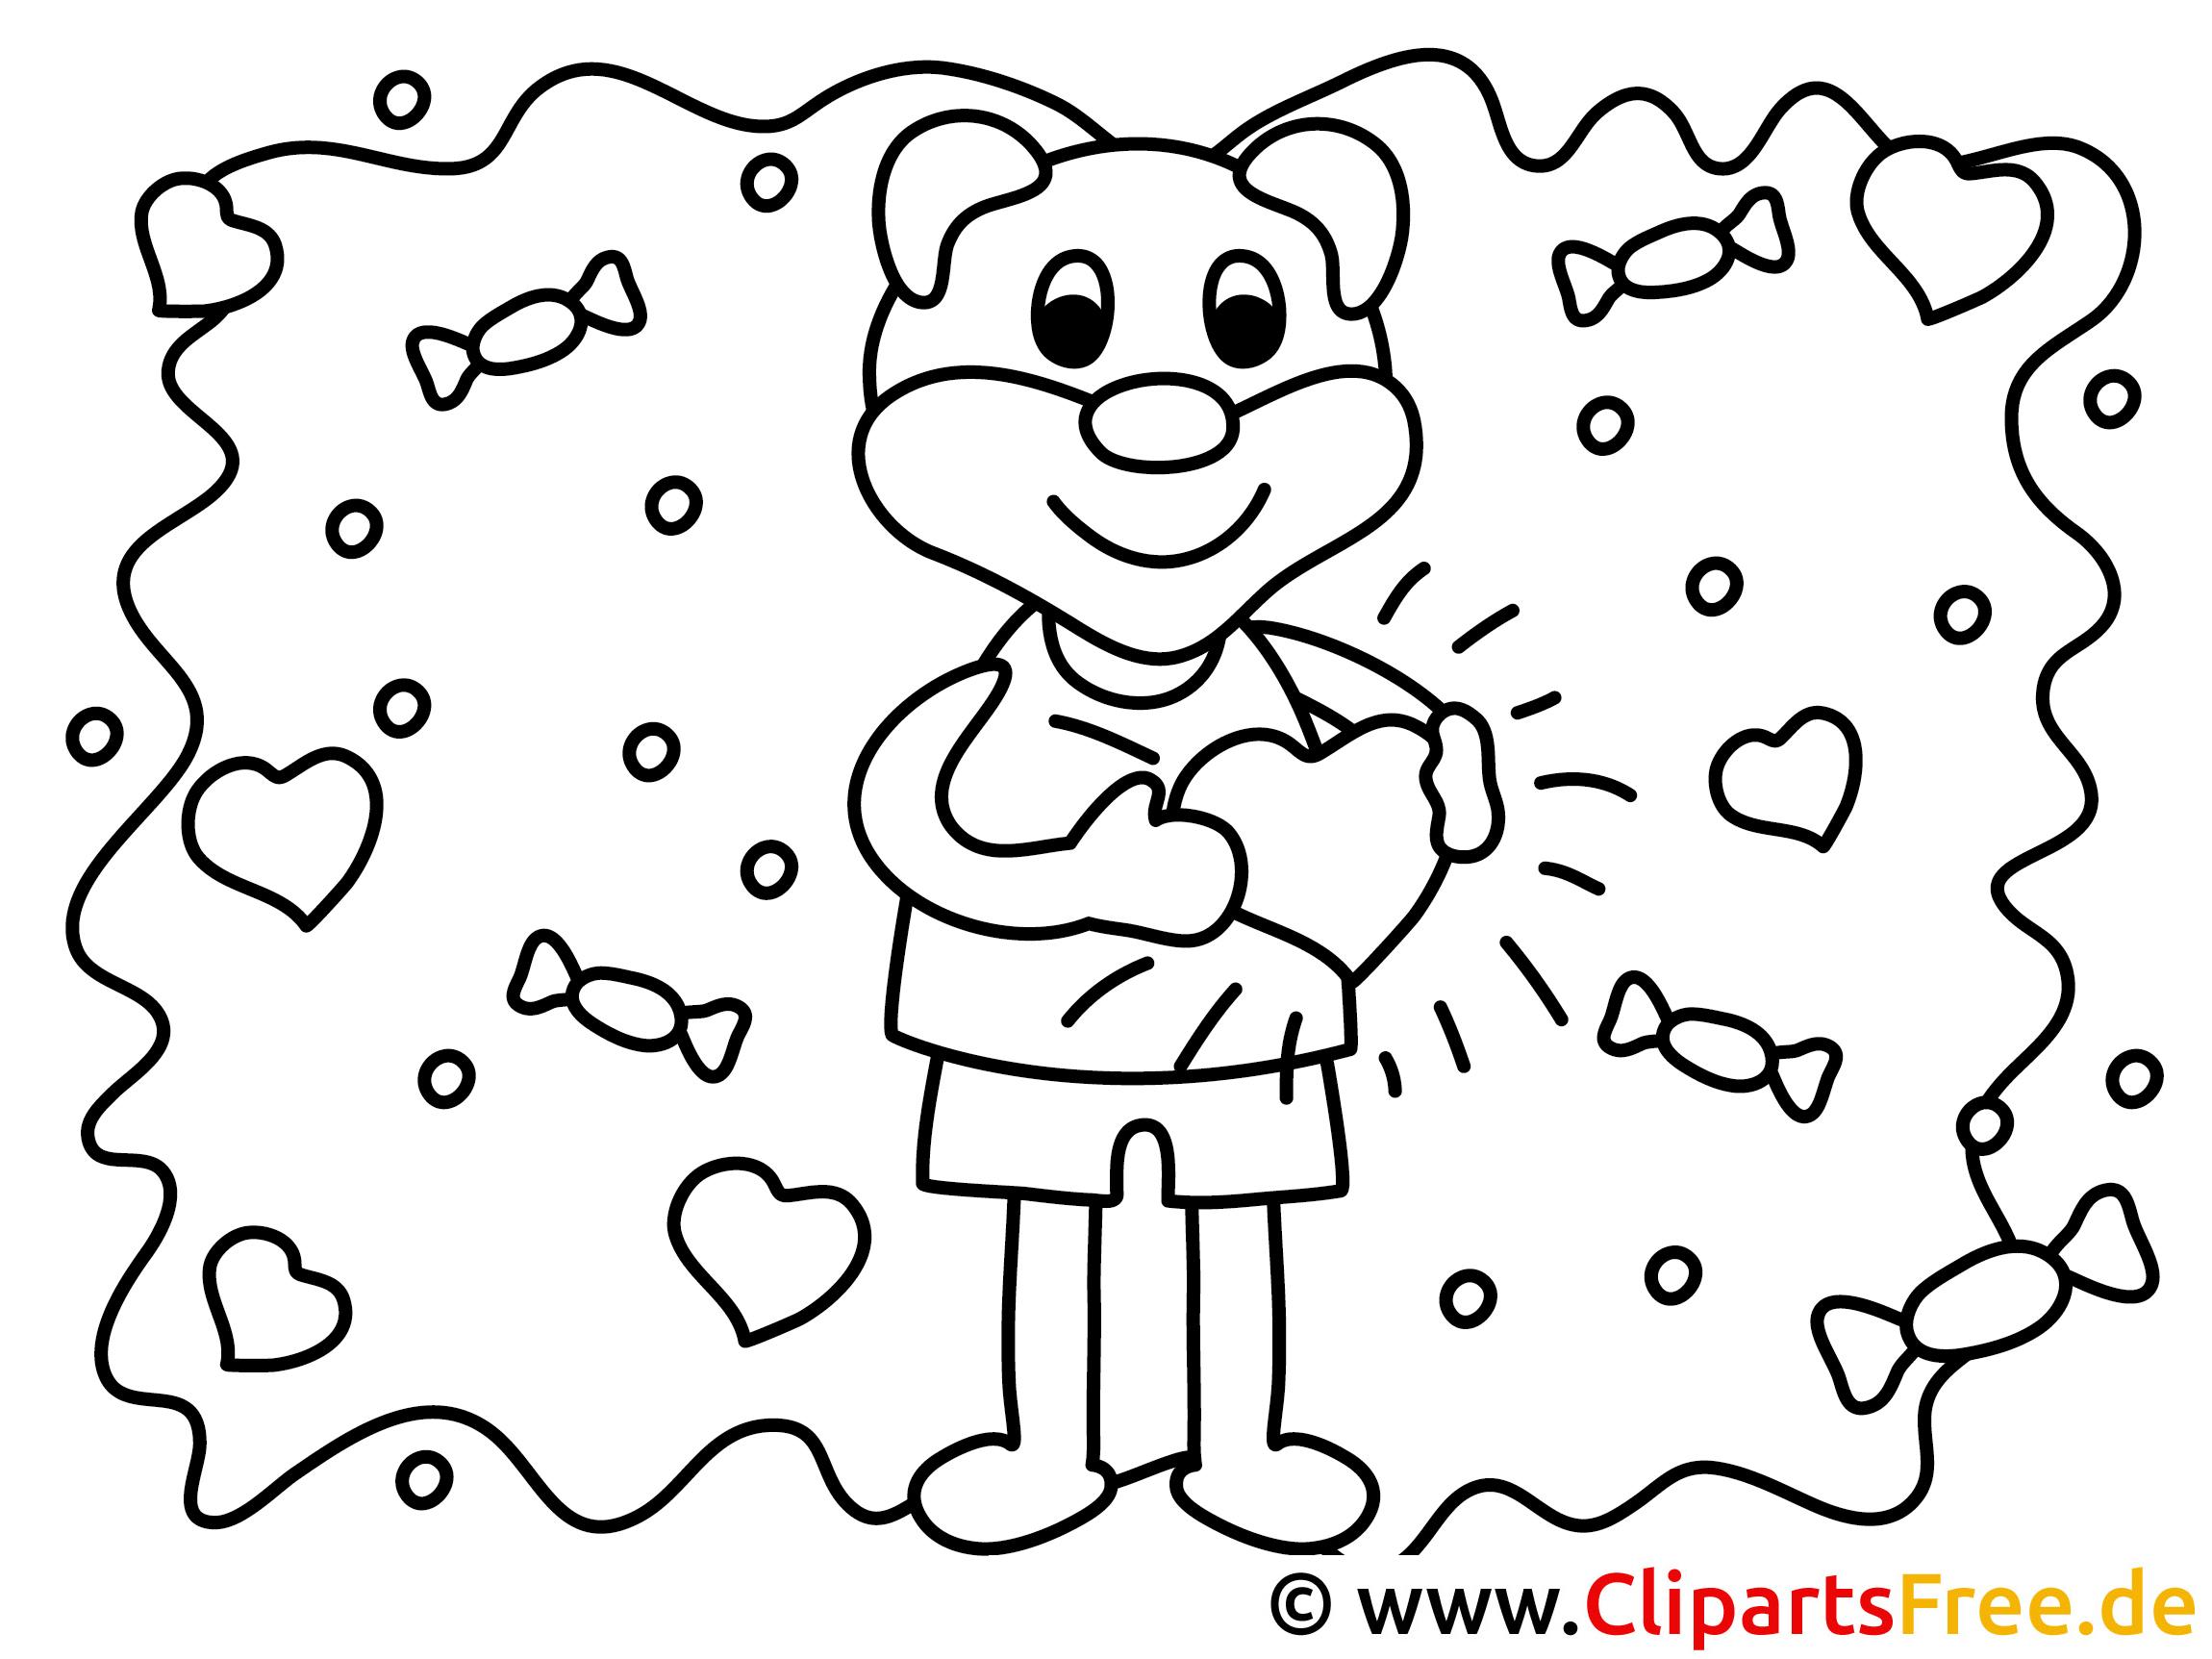 malvorlagen valentinstag schreiben - 28 images